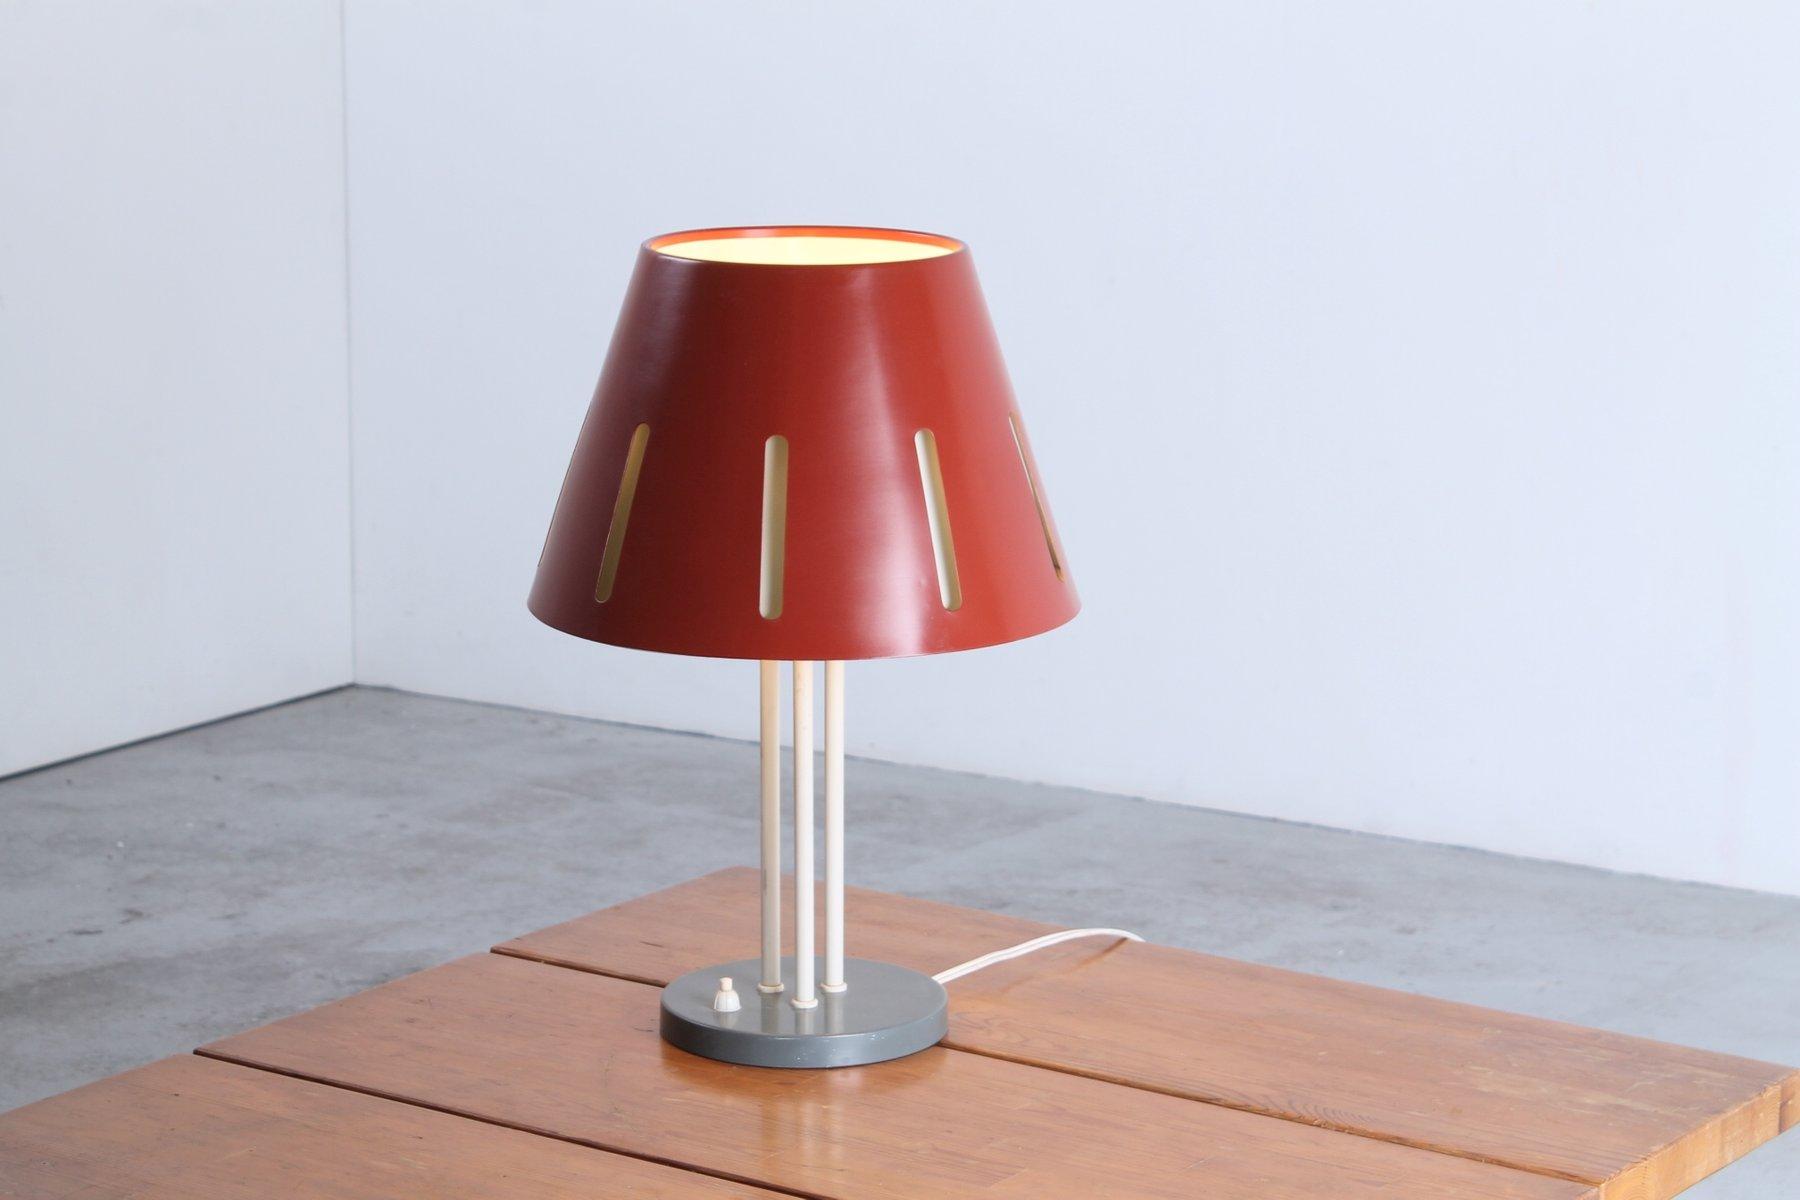 Rote Große Sun Serie Tischlampe von H. Th. J. A. Busquet für Hala